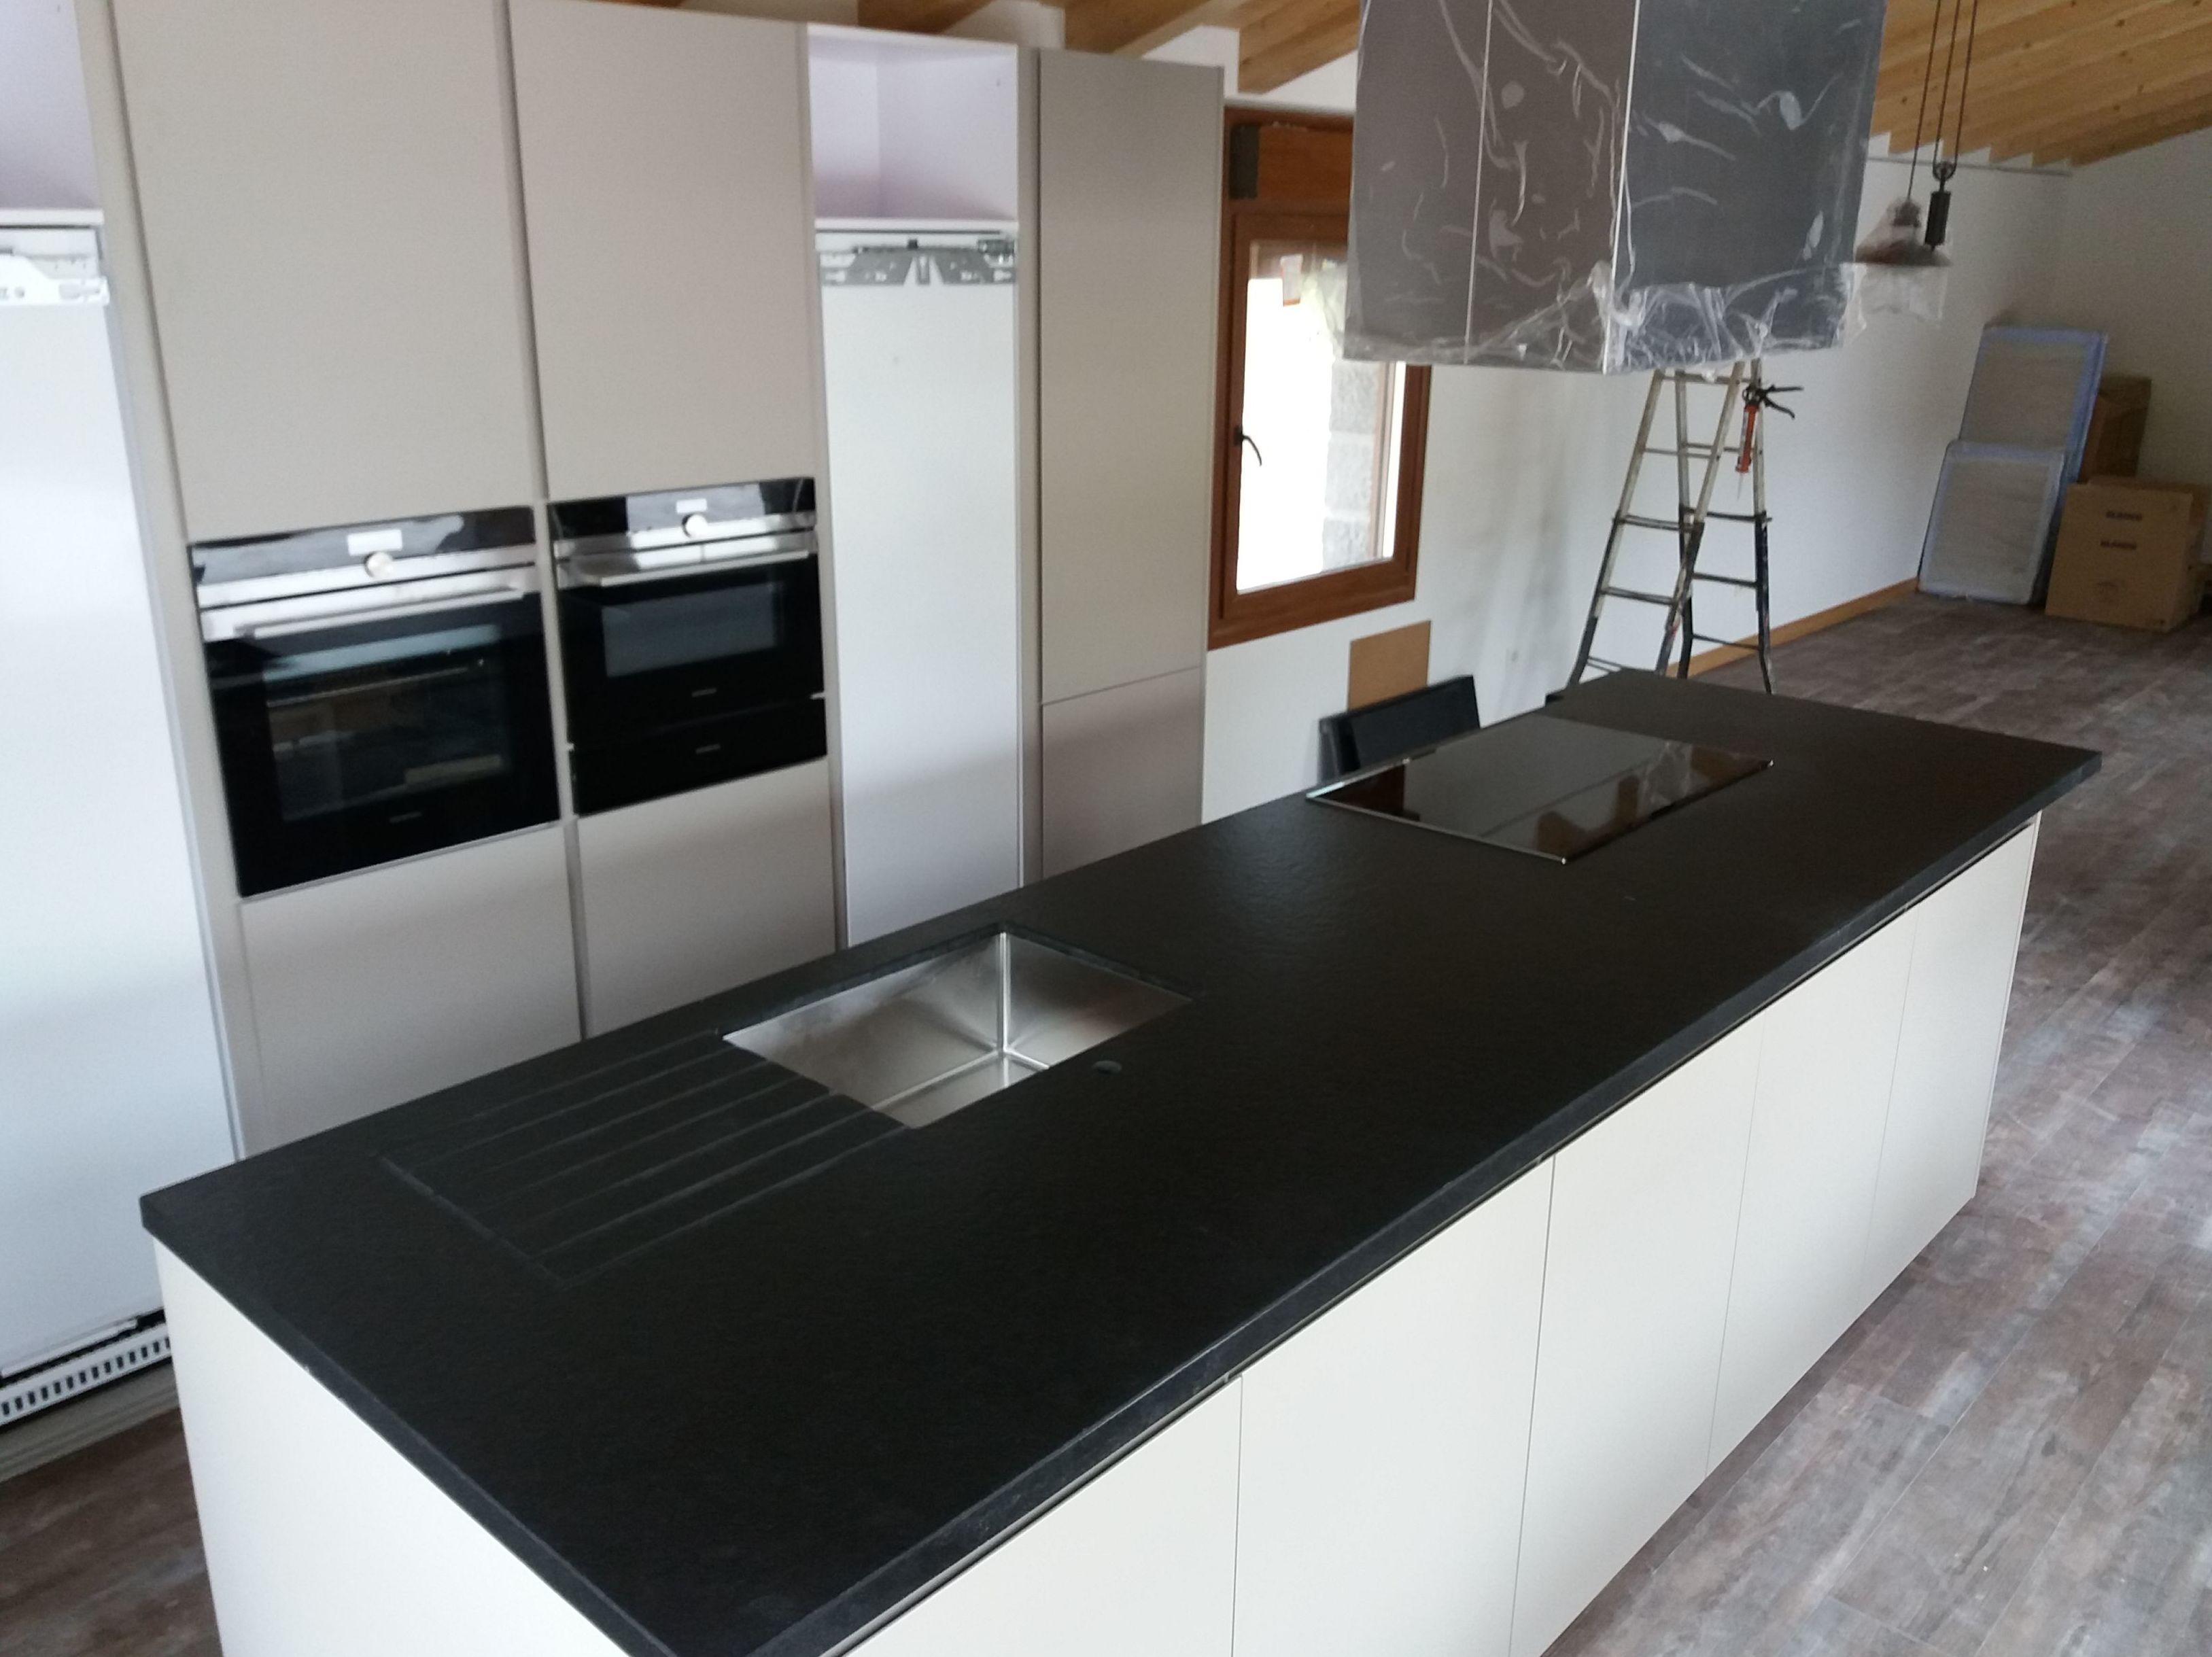 Isla de granito negro anticato regruesada a 4cm: Productos y servicios   de TIRAPU Y ZOROQUIAIN